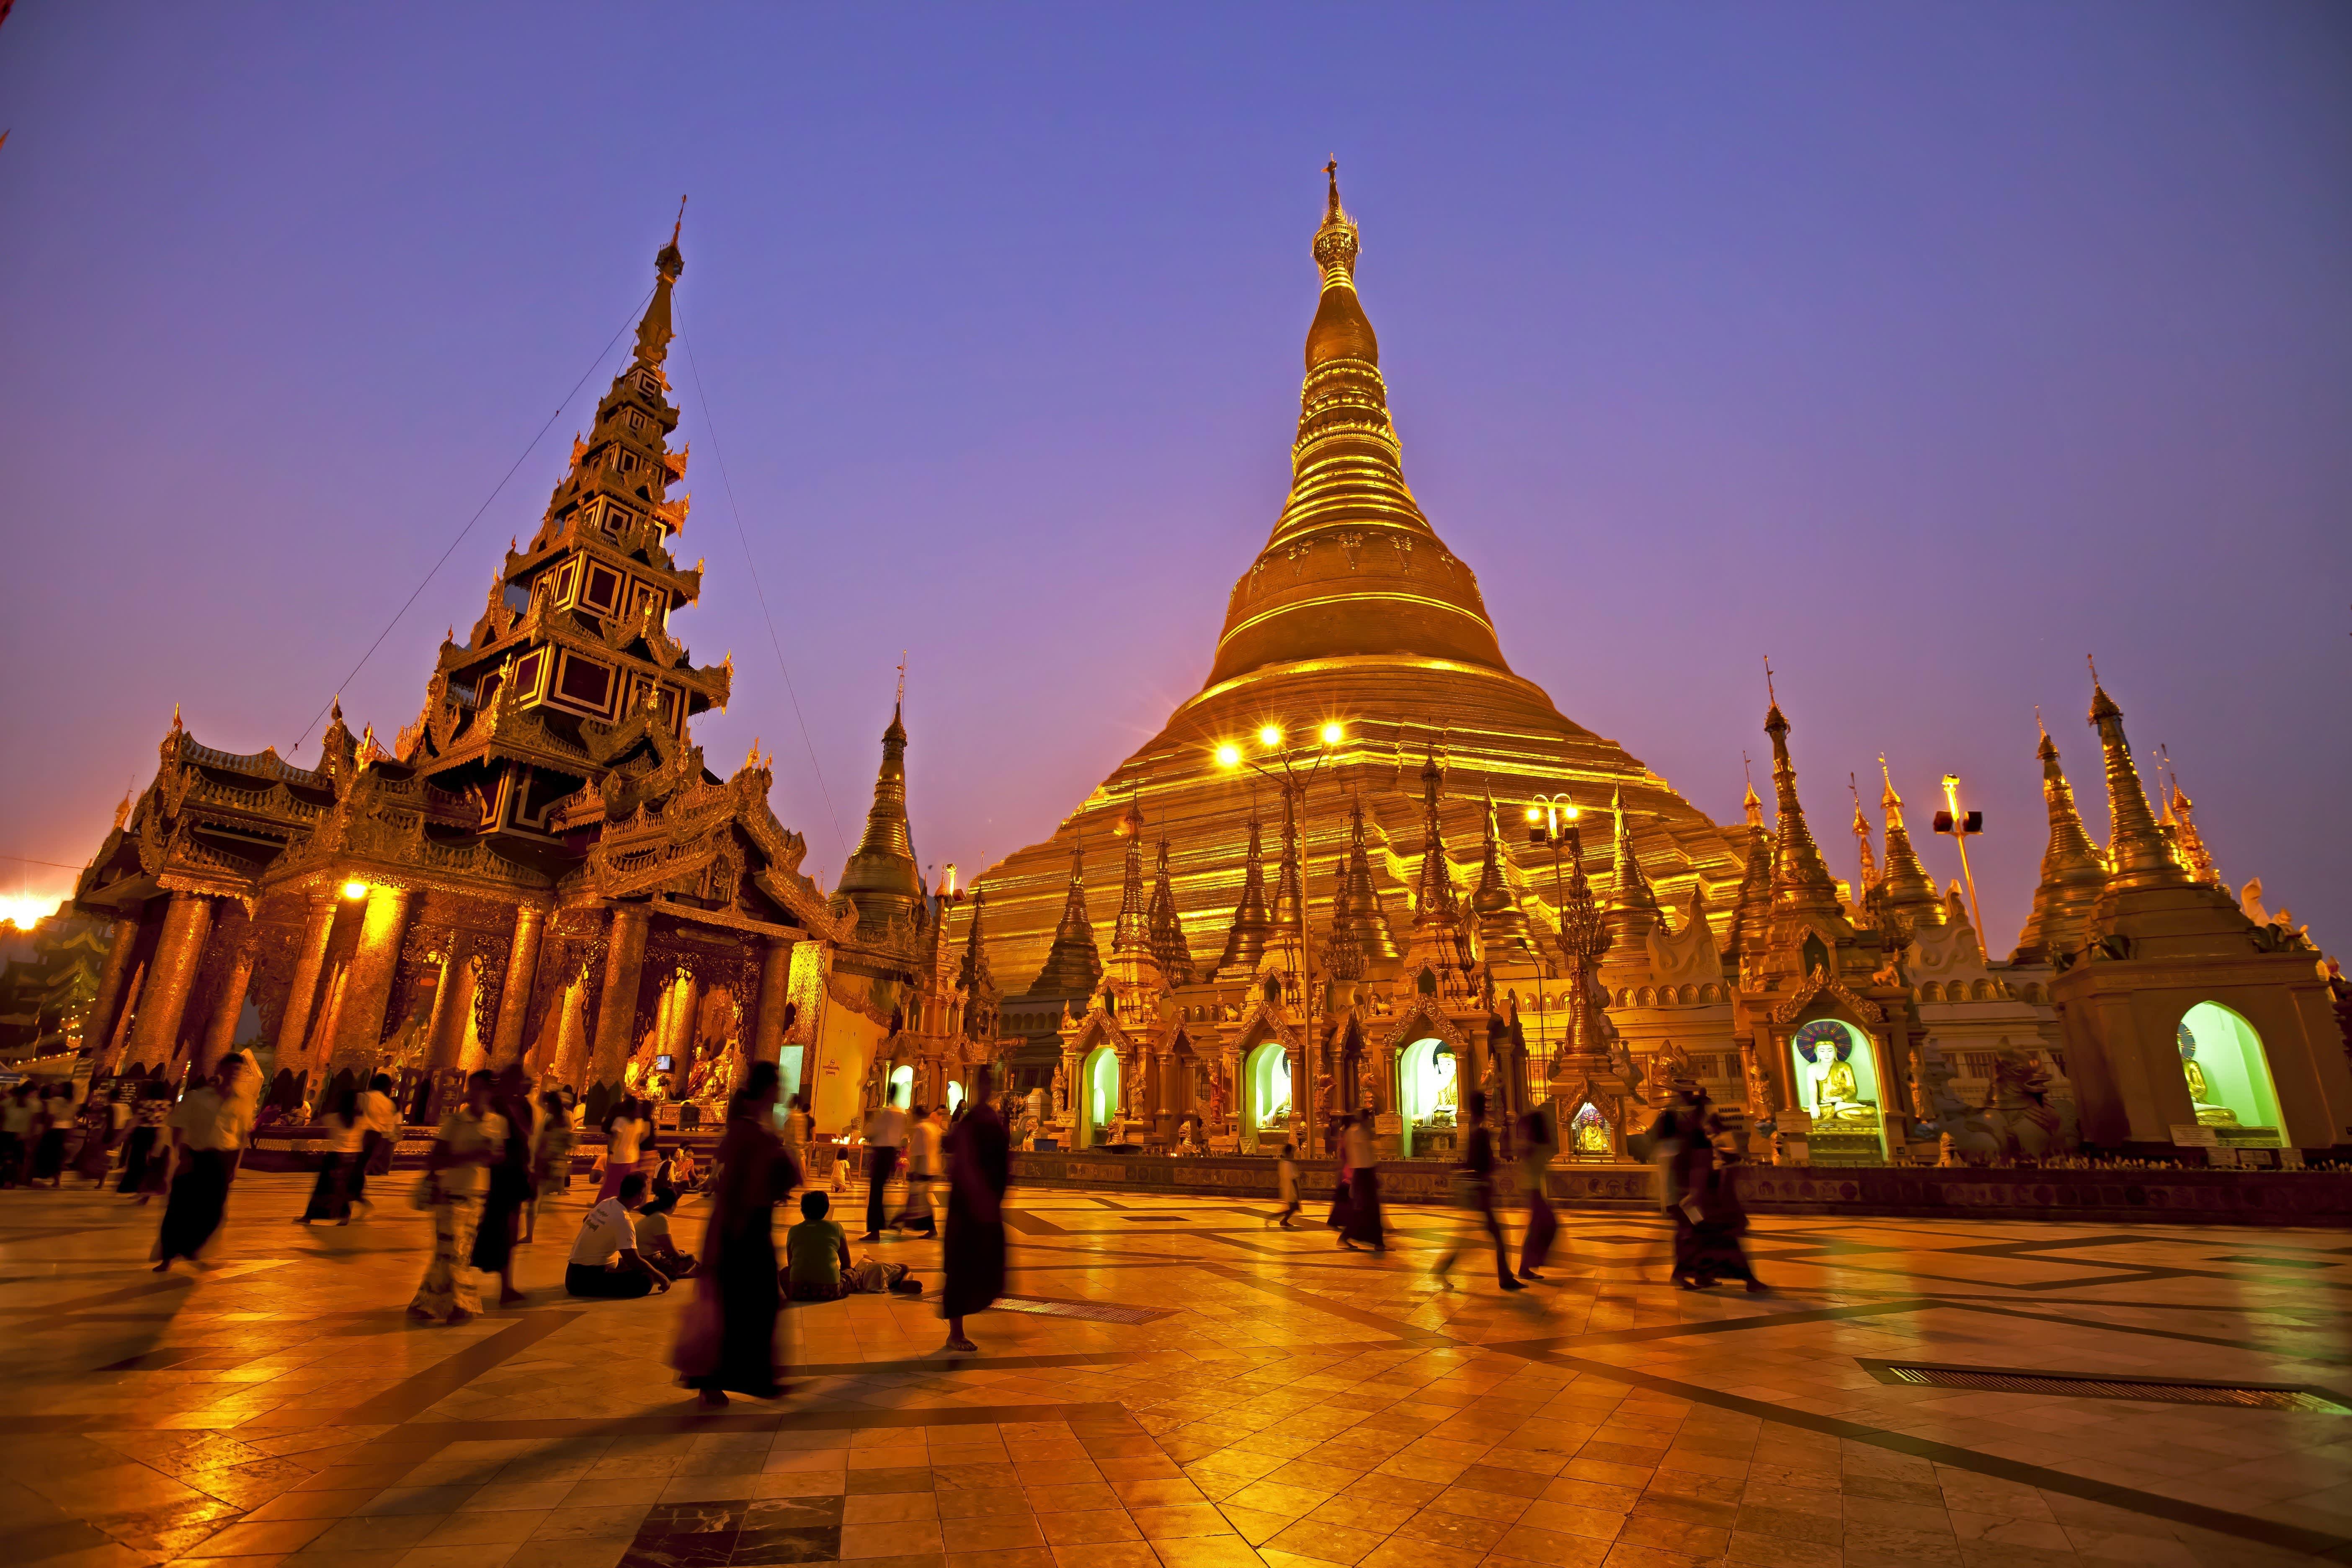 Die Shwedagon Pagode bei Dämmerung